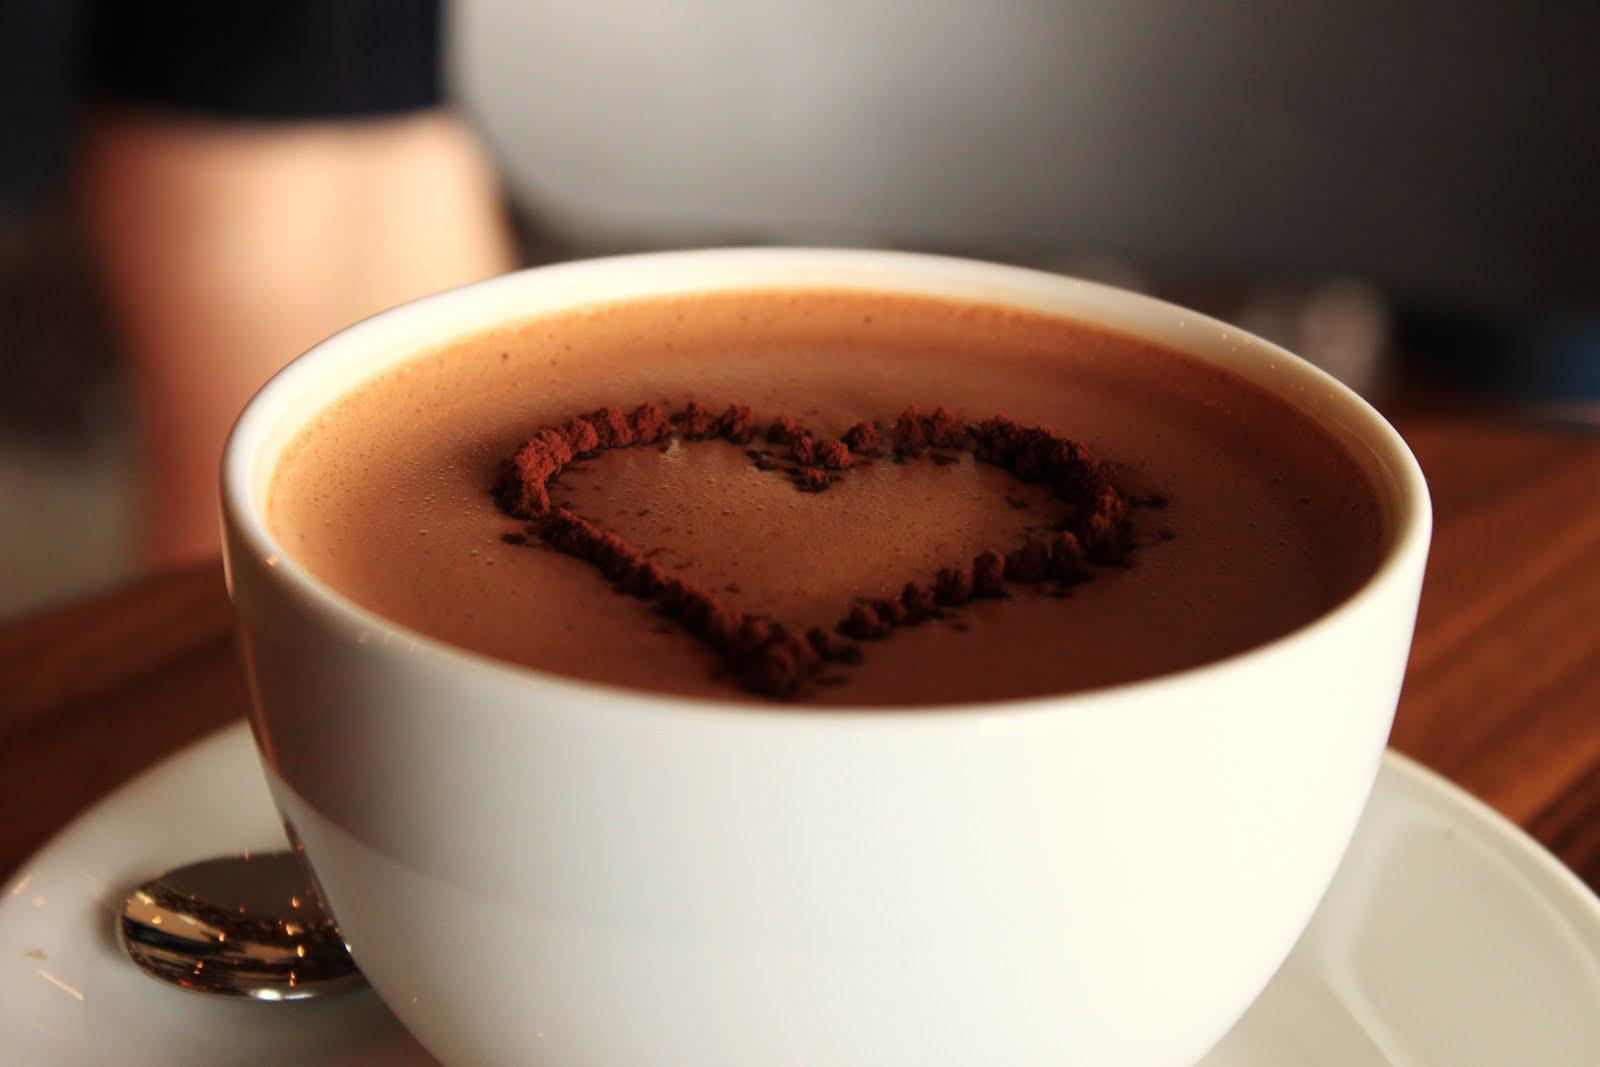 http://1.bp.blogspot.com/-5NscM0JJCaU/TjD0VooWw-I/AAAAAAAAAQ4/asqyNbvjB4Y/s1600/hot+chocolate.jpg